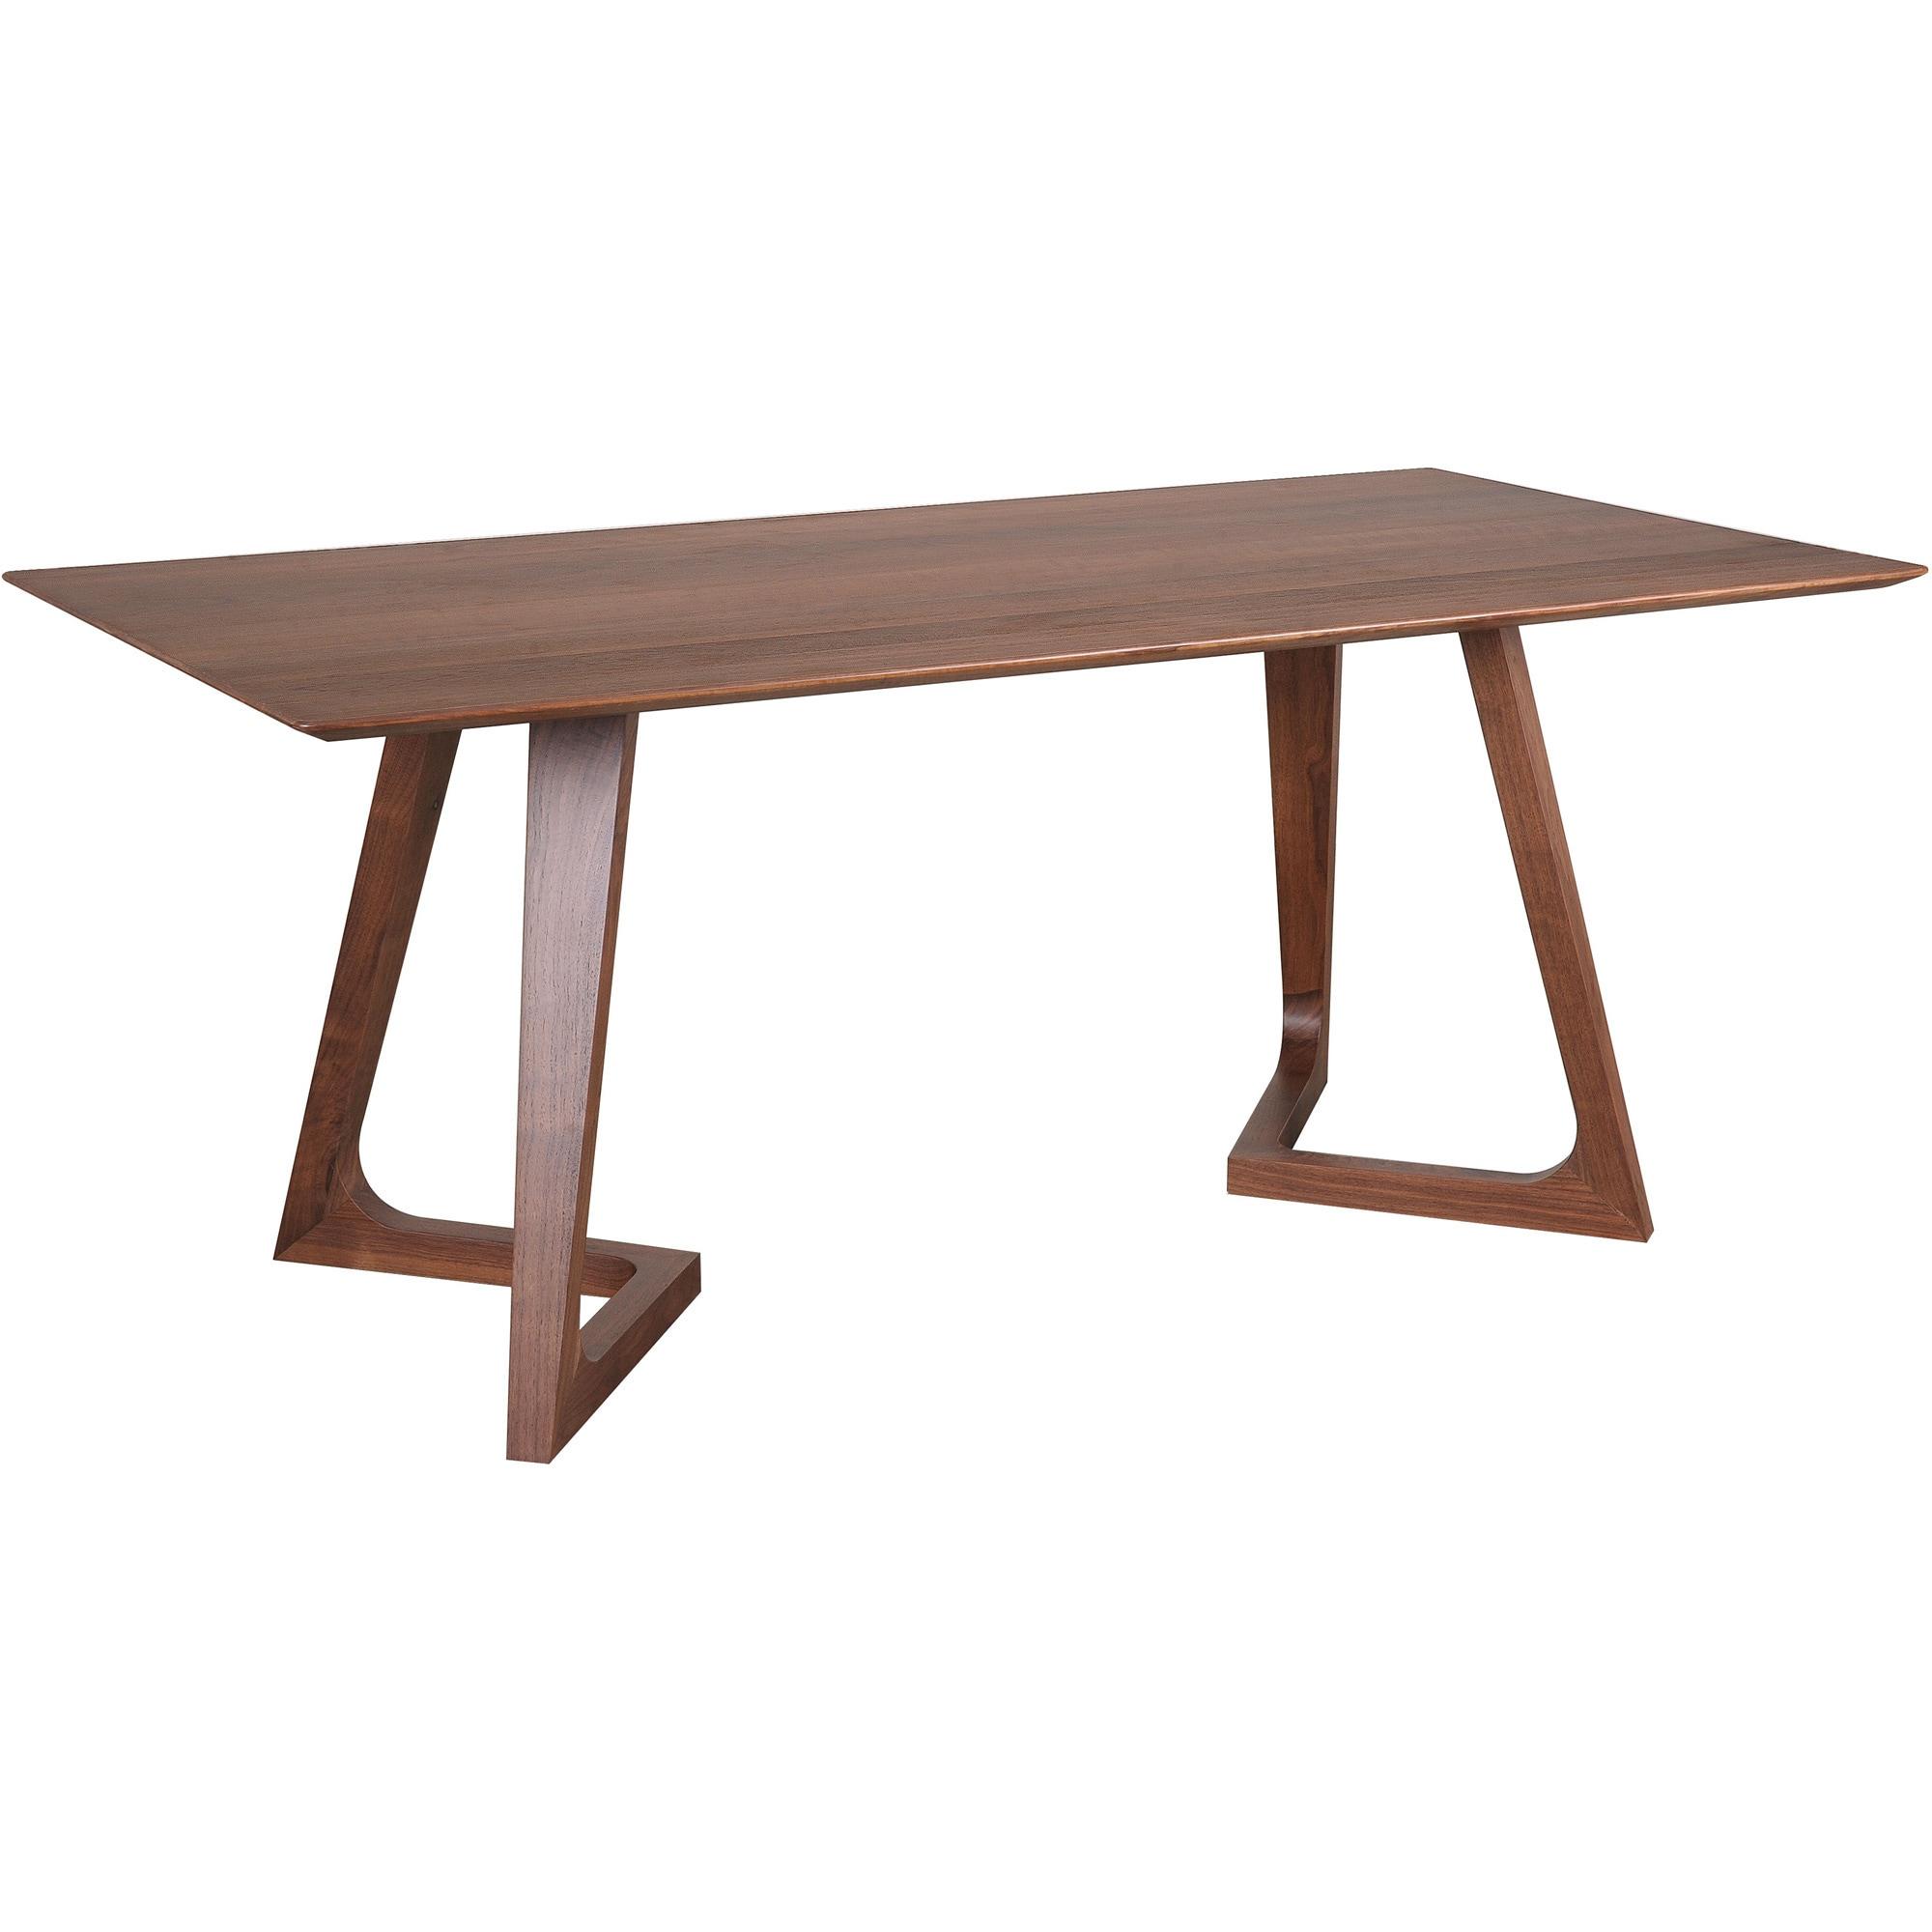 Aurelle Home Gideon Solid Walnut Modern Rectangular Kitchen Table - 29.5\